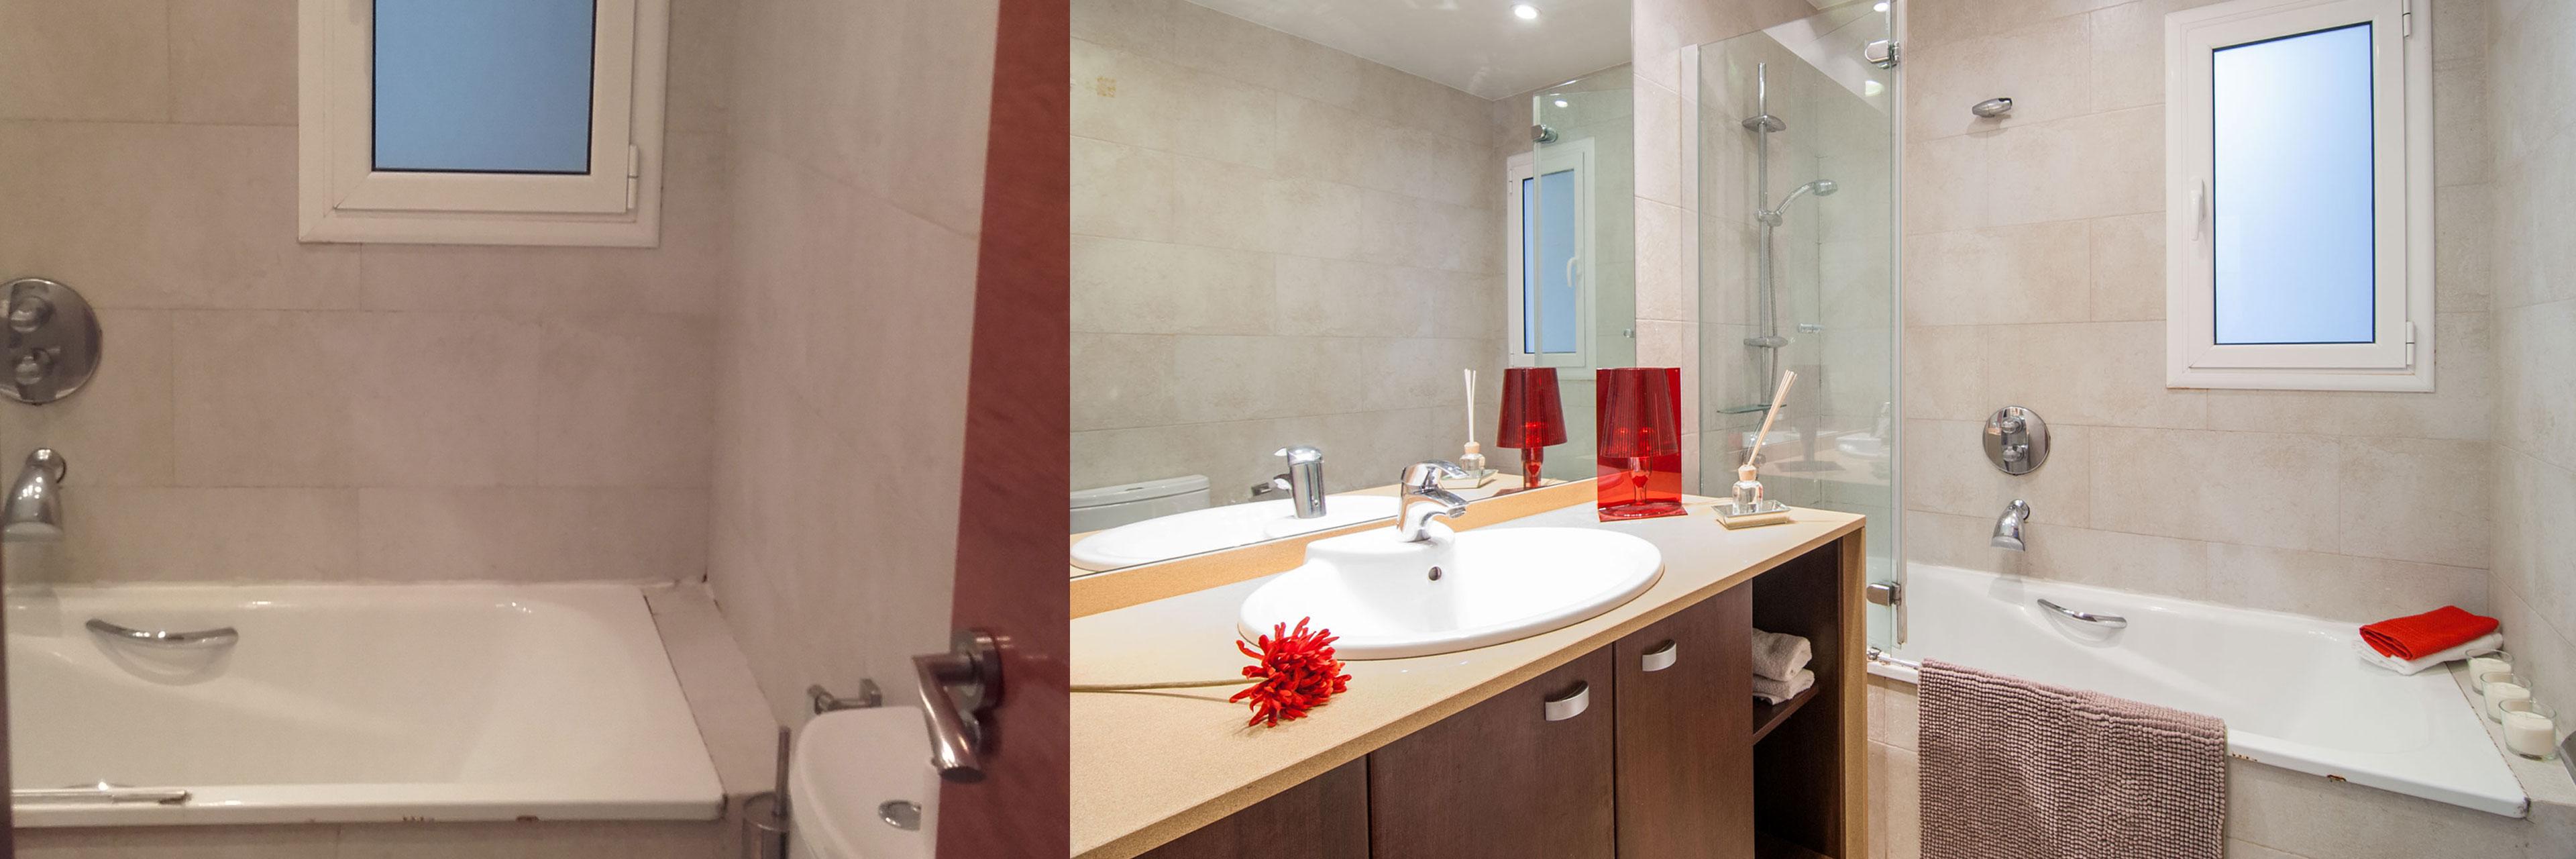 Projecte a vallcarca barcelona impuls home staging - Barcelona home staging ...